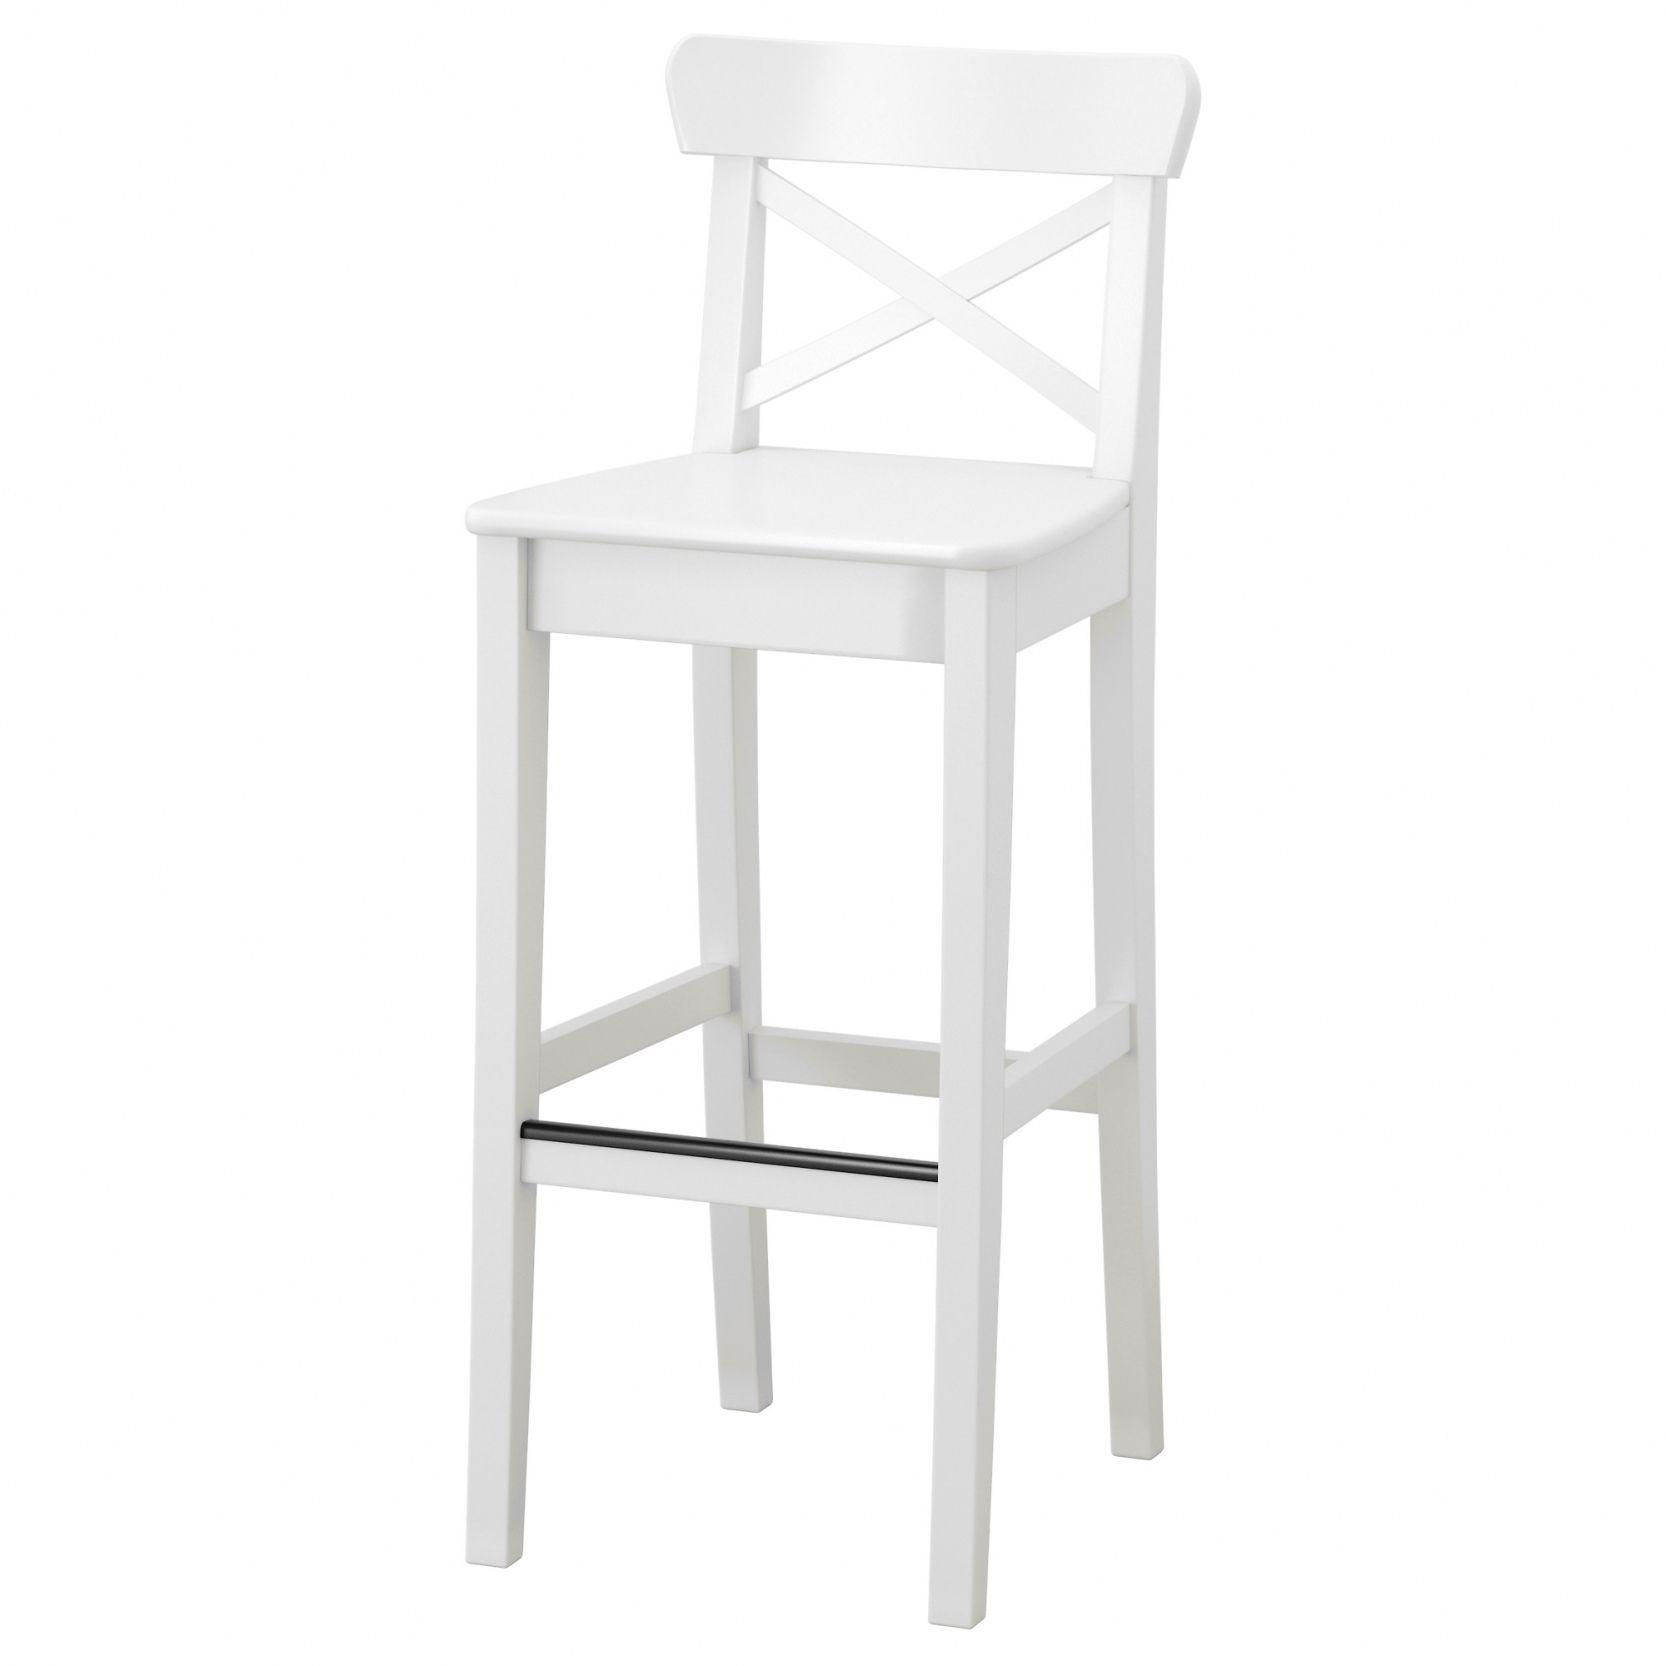 Luxury Ikea Bar Stools White